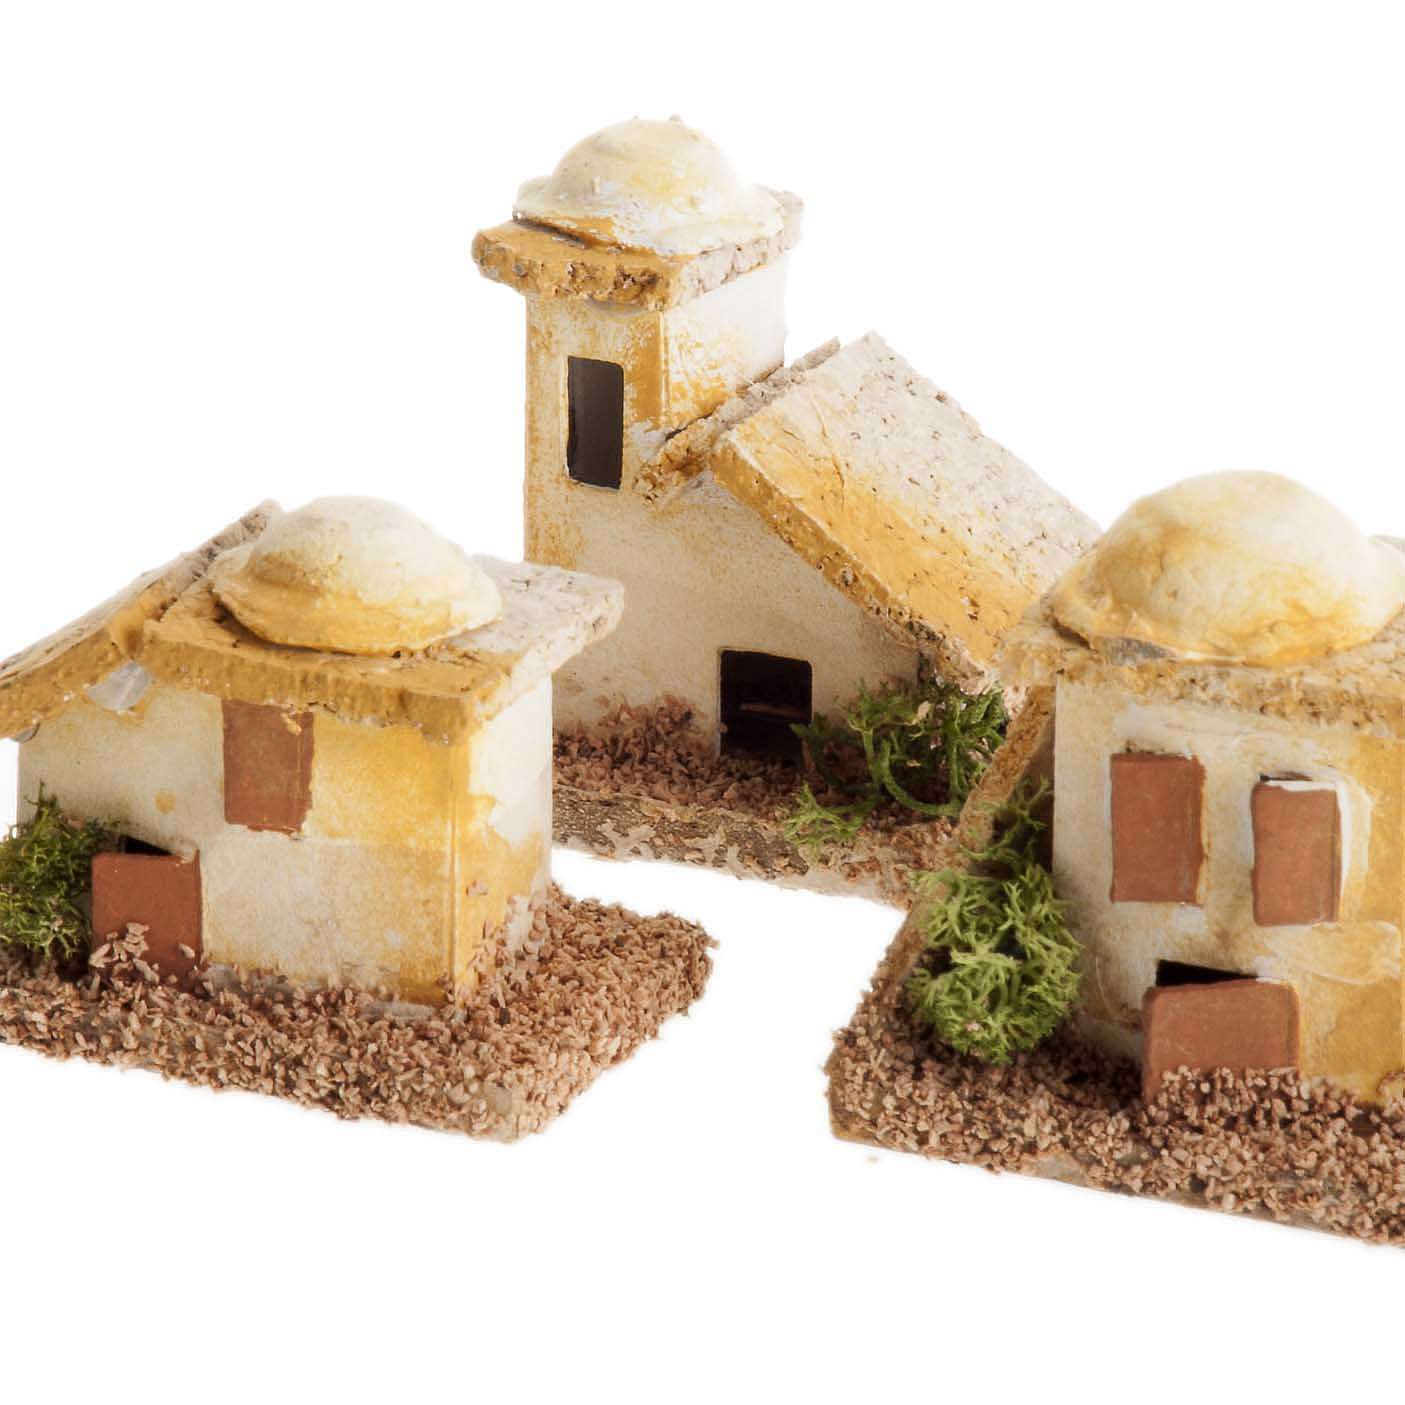 Mini maisons arabes pour crèche Noel 4